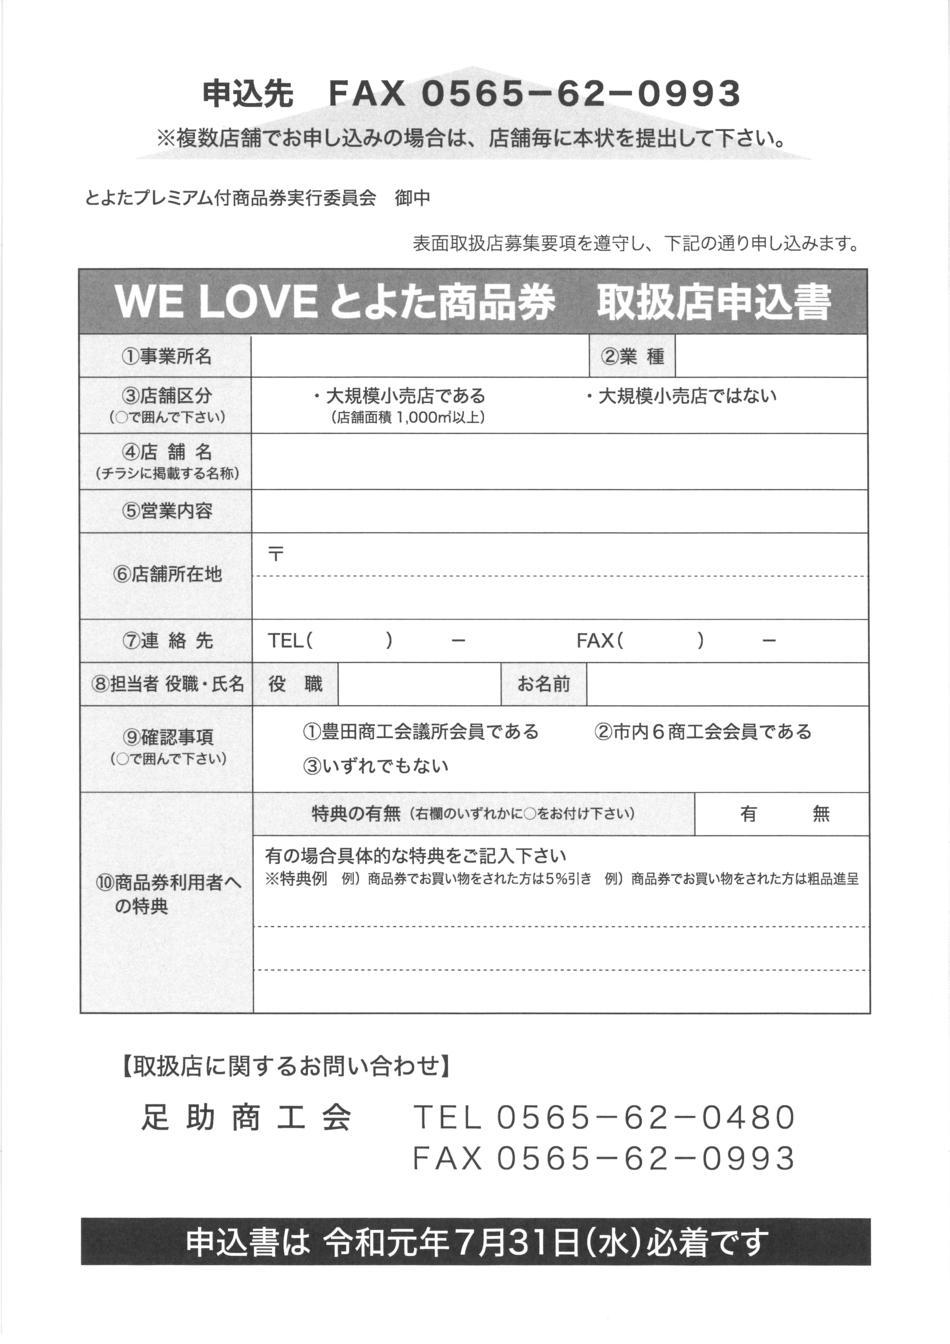 とよた商品券取扱店募集(2).jpg